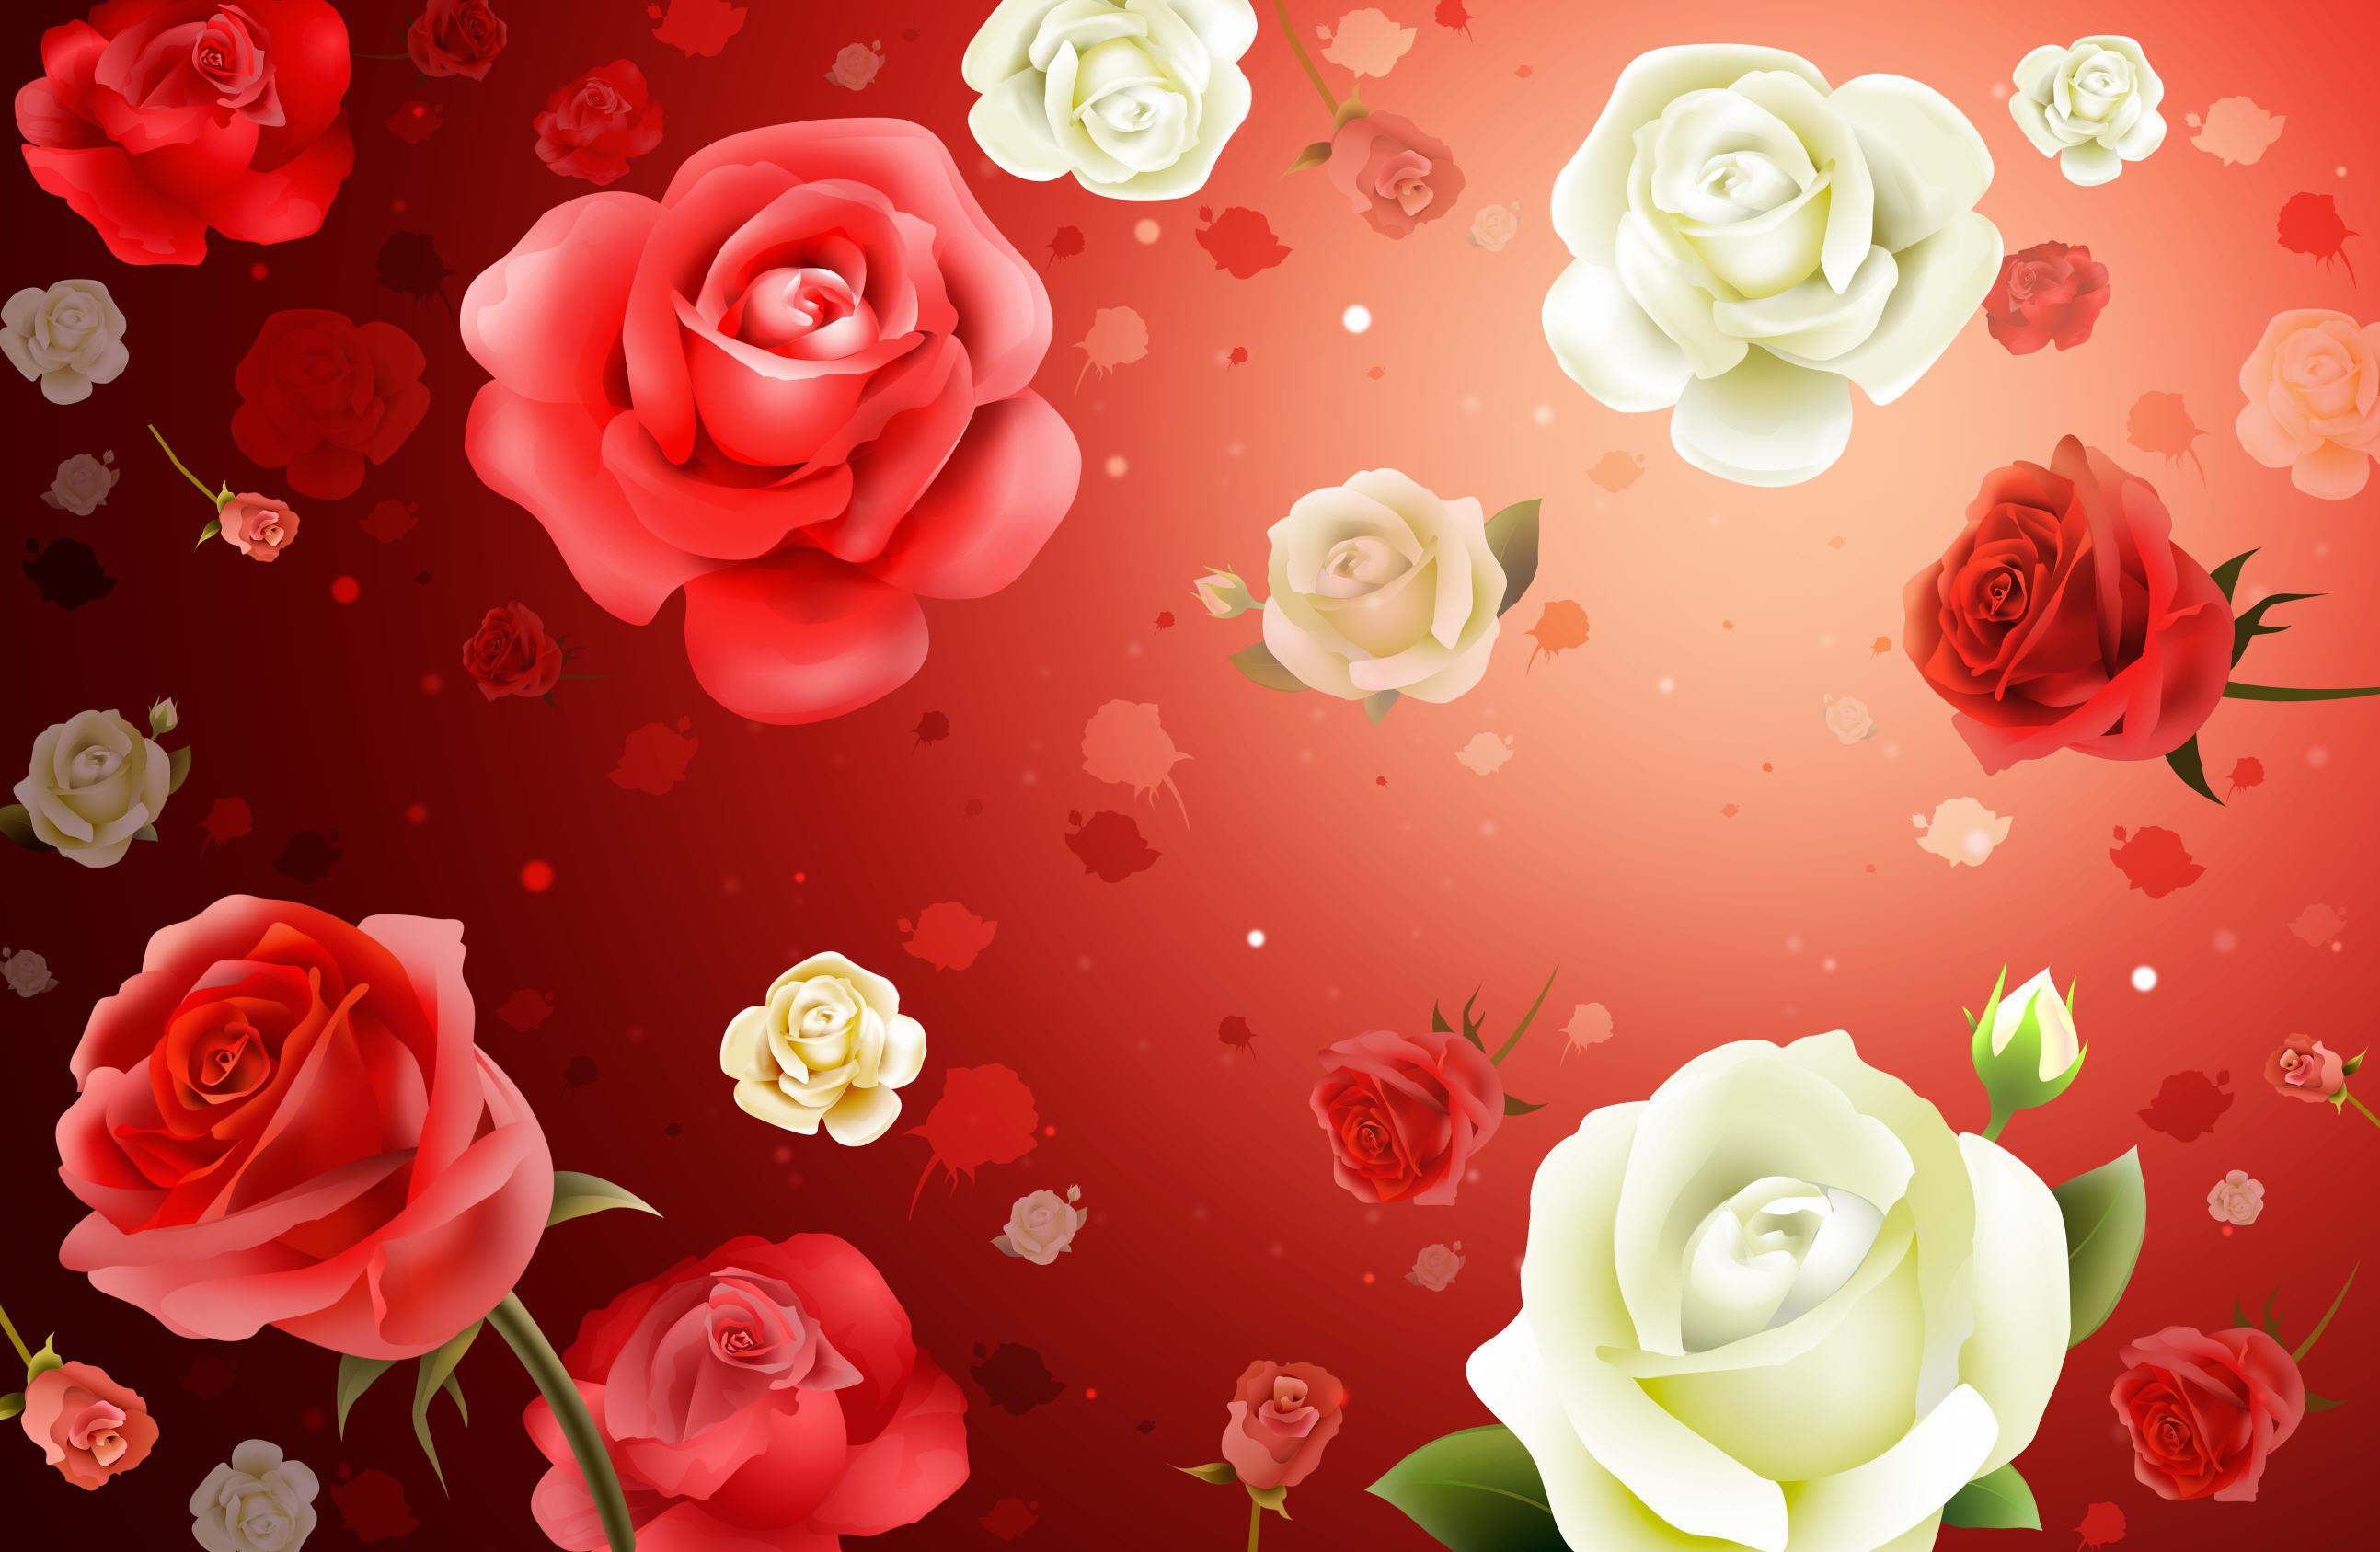 картинки цветы на ватсап шестнадцать